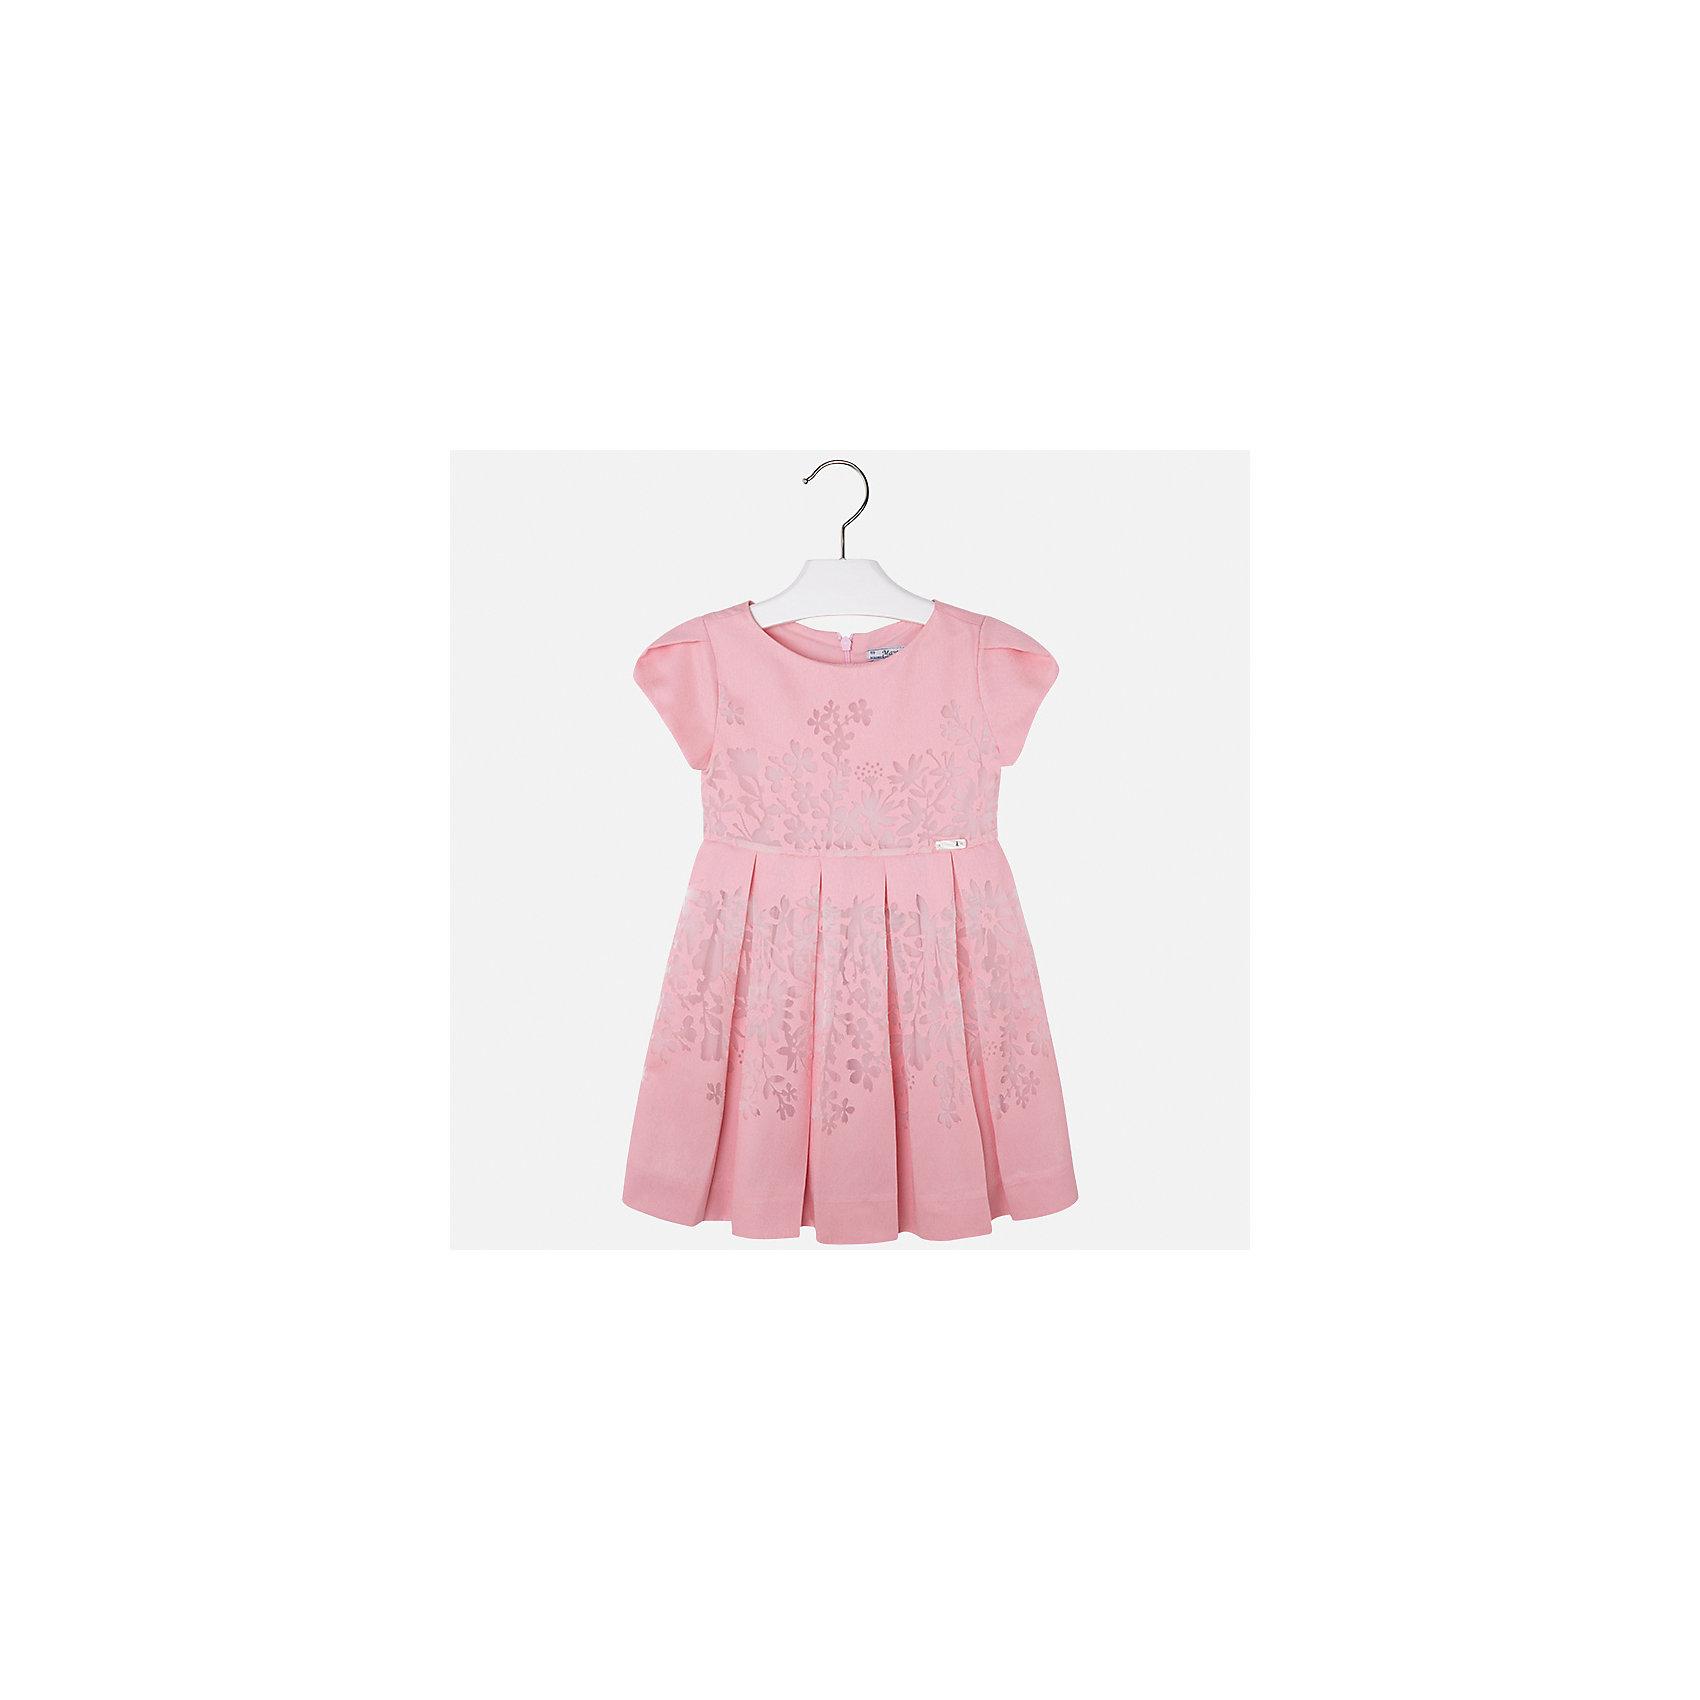 Платье для девочки MayoralОдежда<br>Характеристики товара:<br><br>• цвет: розовый<br>• состав: 80% вискоза, 20% полиэстер, подкладка - 65% полиэстер, 35% хлопок<br>• застежка: молния<br>• легкий материал<br>• цветочный рисунок<br>• без рукавов<br>• с подкладкой<br>• страна бренда: Испания<br><br>Красивое легкое платье для девочки поможет разнообразить гардероб ребенка и создать эффектный наряд. Оно подойдет и для торжественных случаев, может быть и как ежедневный наряд. Красивый оттенок позволяет подобрать к вещи обувь разных расцветок. В составе материала подкладки - натуральный хлопок, гипоаллергенный, приятный на ощупь, дышащий. Платье хорошо сидит по фигуре.<br><br>Одежда, обувь и аксессуары от испанского бренда Mayoral полюбились детям и взрослым по всему миру. Модели этой марки - стильные и удобные. Для их производства используются только безопасные, качественные материалы и фурнитура. Порадуйте ребенка модными и красивыми вещами от Mayoral! <br><br>Платье для девочки от испанского бренда Mayoral (Майорал) можно купить в нашем интернет-магазине.<br><br>Ширина мм: 236<br>Глубина мм: 16<br>Высота мм: 184<br>Вес г: 177<br>Цвет: разноцветный<br>Возраст от месяцев: 96<br>Возраст до месяцев: 108<br>Пол: Женский<br>Возраст: Детский<br>Размер: 104,110,116,122,128,134,98<br>SKU: 5291084